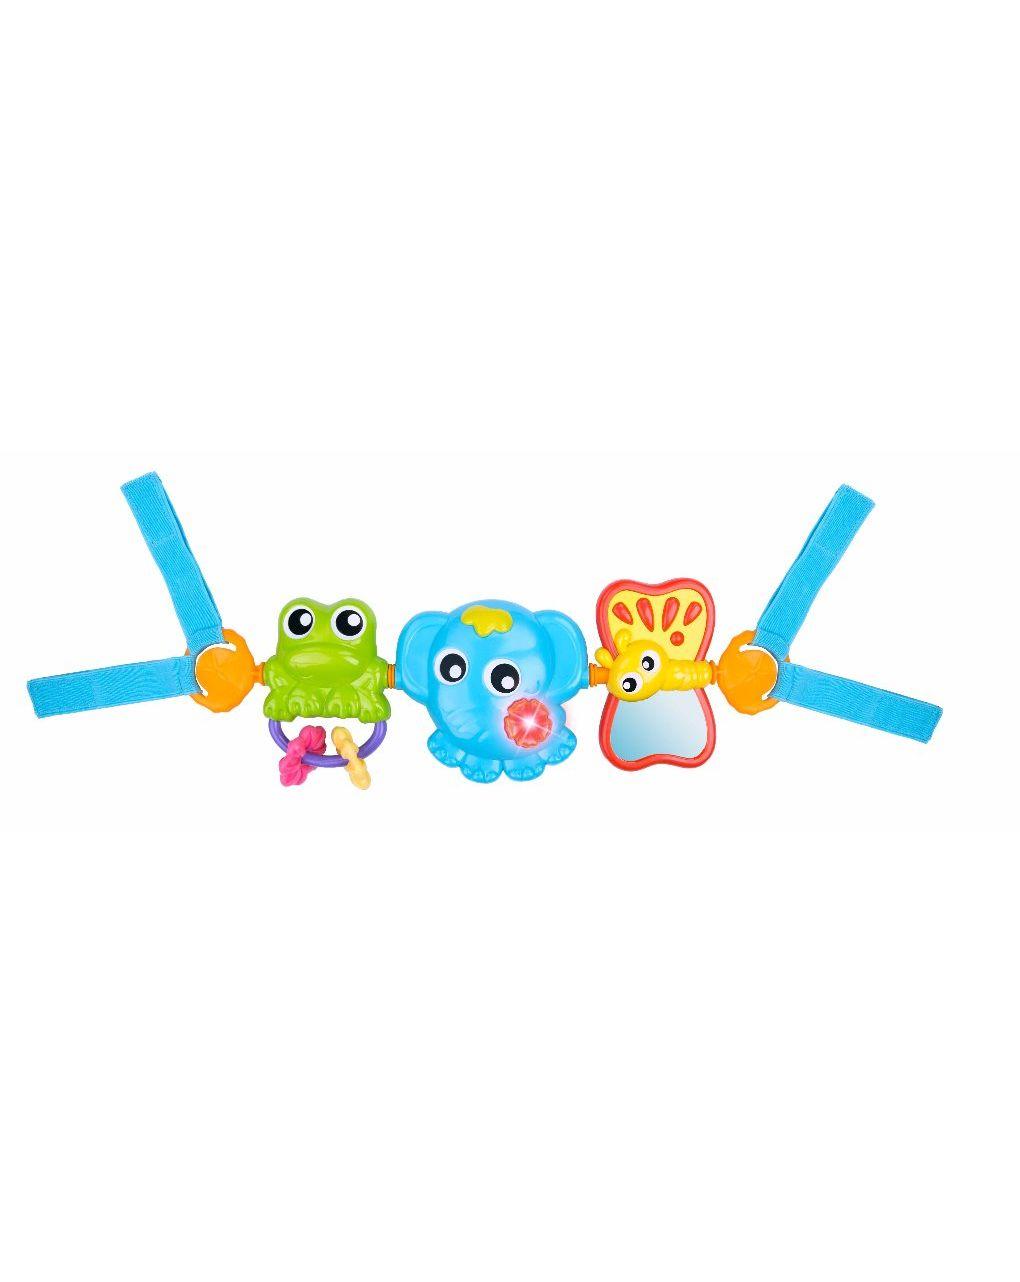 Playgro - travel trio musical pram time - Playgro